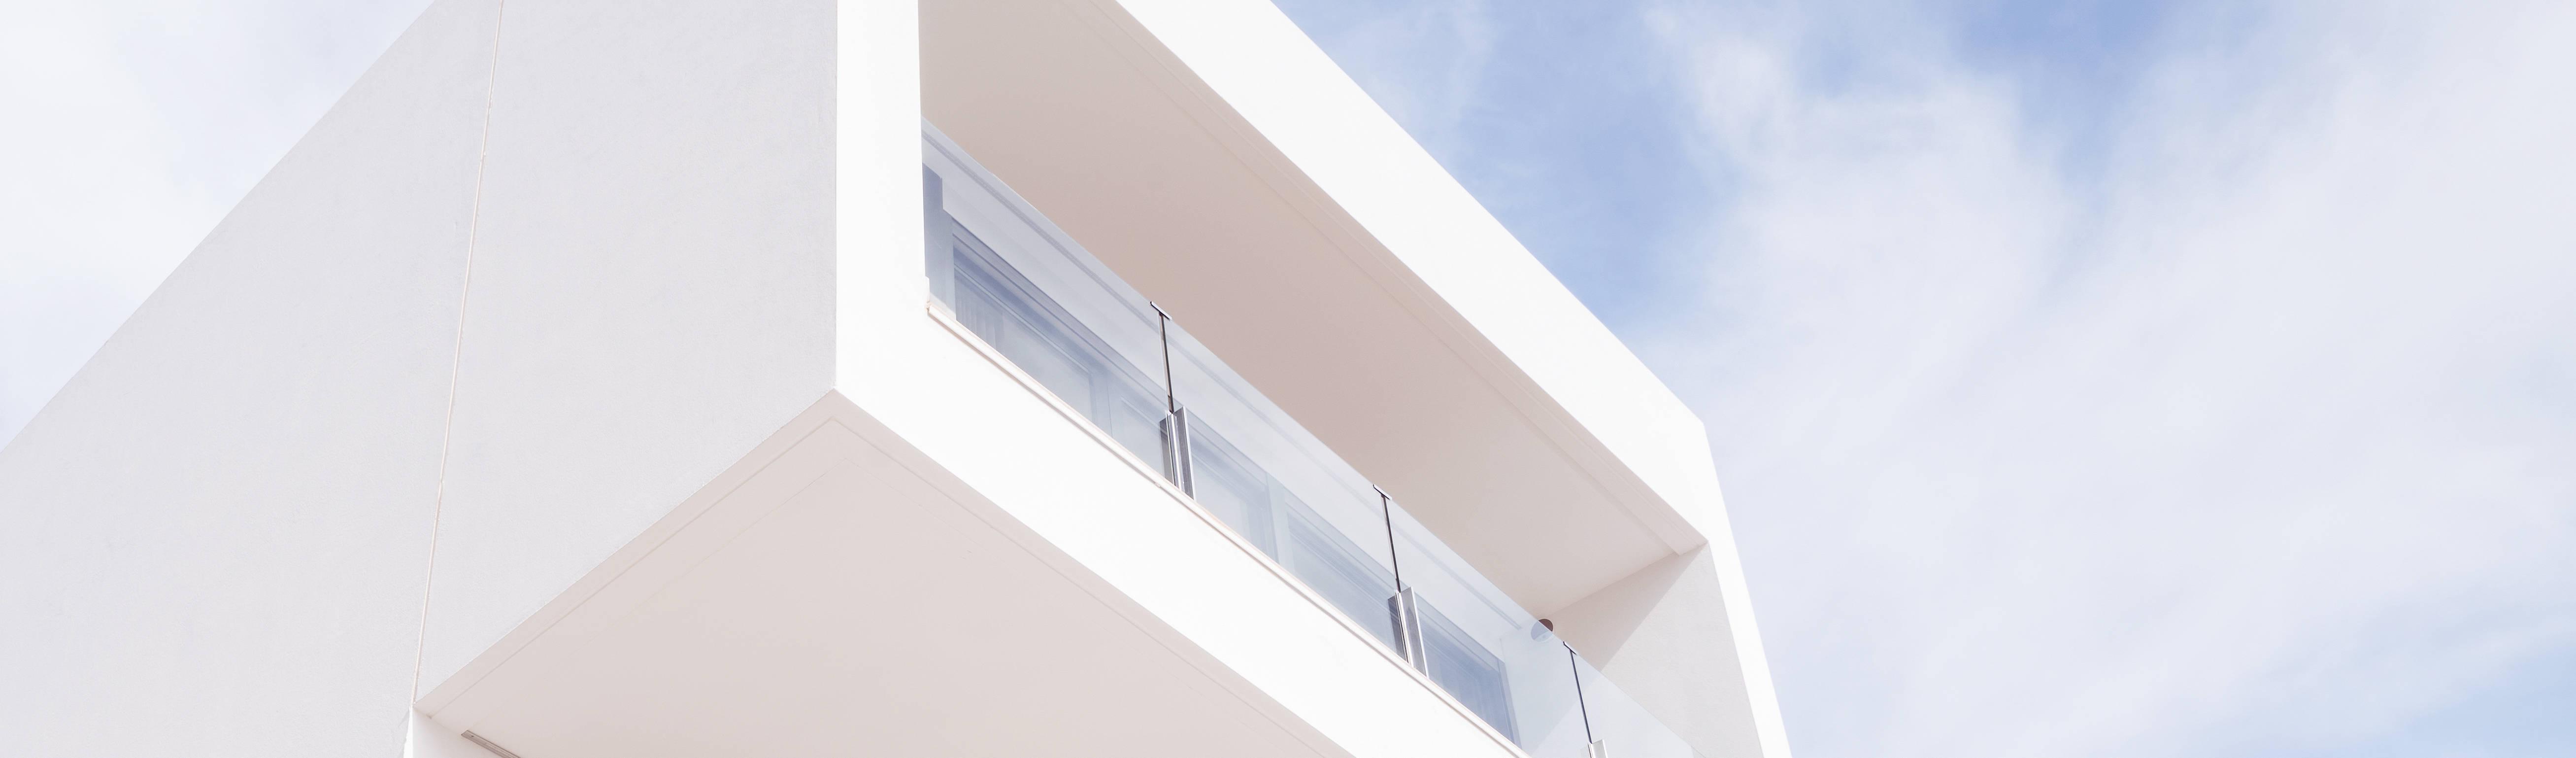 ARREL arquitectura